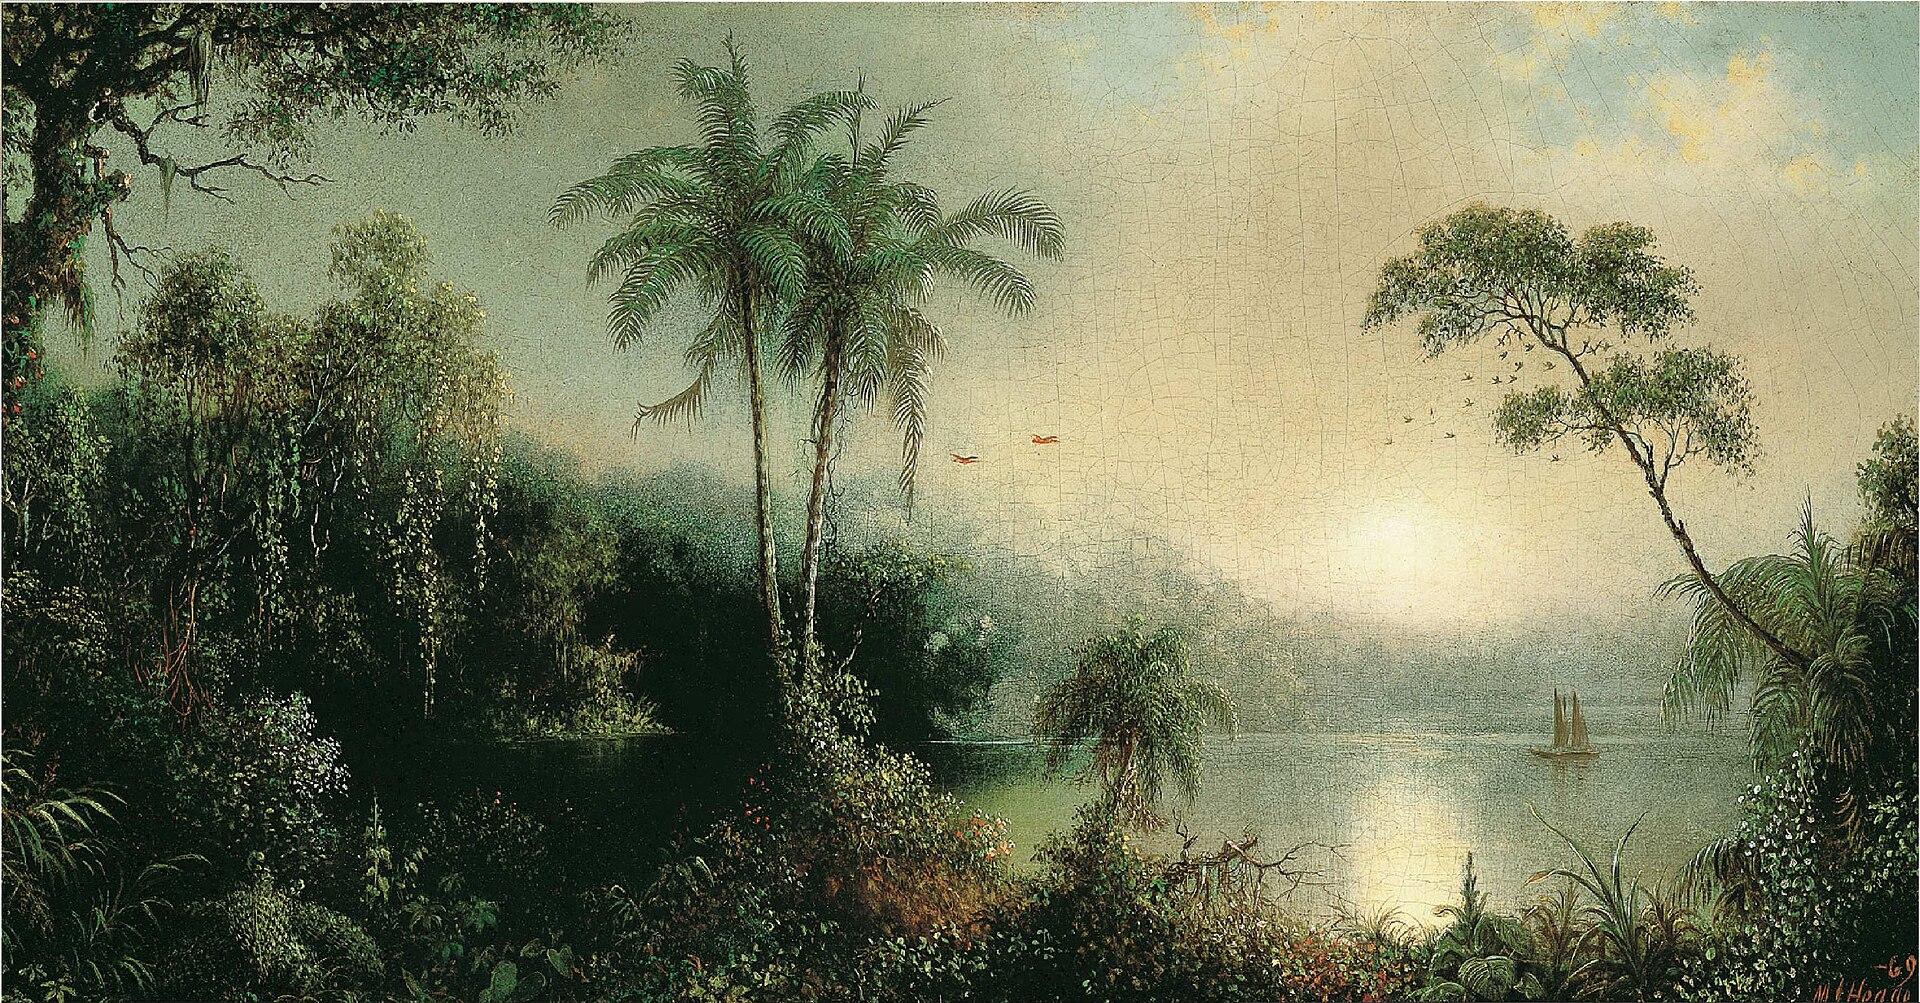 Мартин Джонсон Хид - Восход солнца в Nicaragua.jpg